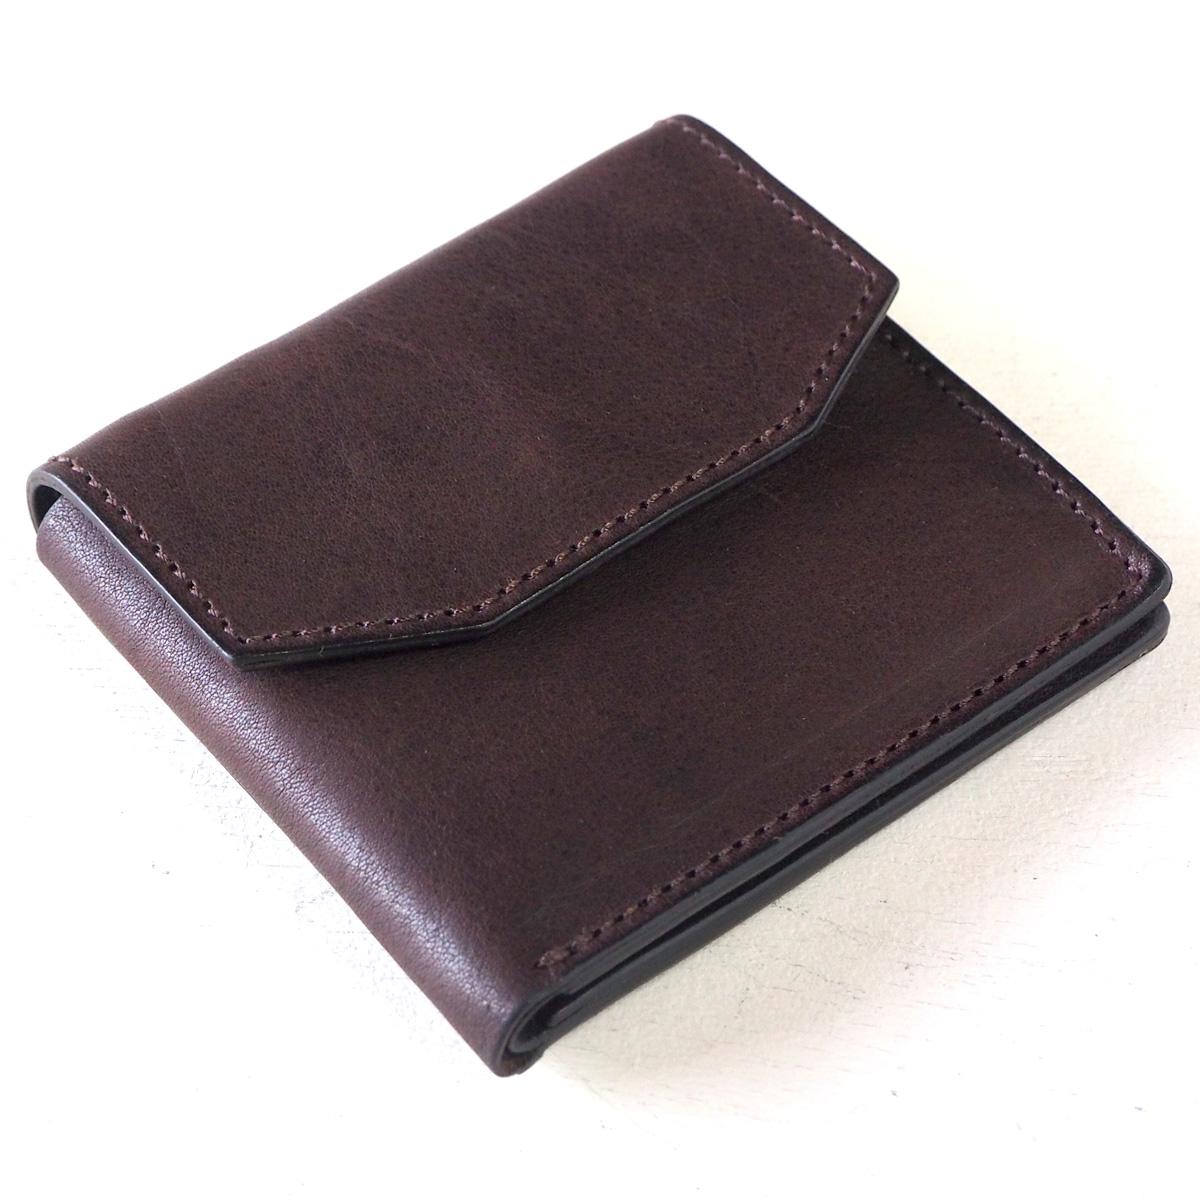 ANNAK(アナック) 栃木レザー コンパクト 二つ折り ギャルソンウォレット オールレザー ダークブラウン [AK16TA-B0054-DBR] 2つ折り財布 二つ折り財布 小さい財布 ミニ財布 小銭が出しやすい ショートウォレット ハーフウォレット シンプル 焦げ茶 レディース メンズ 日本製